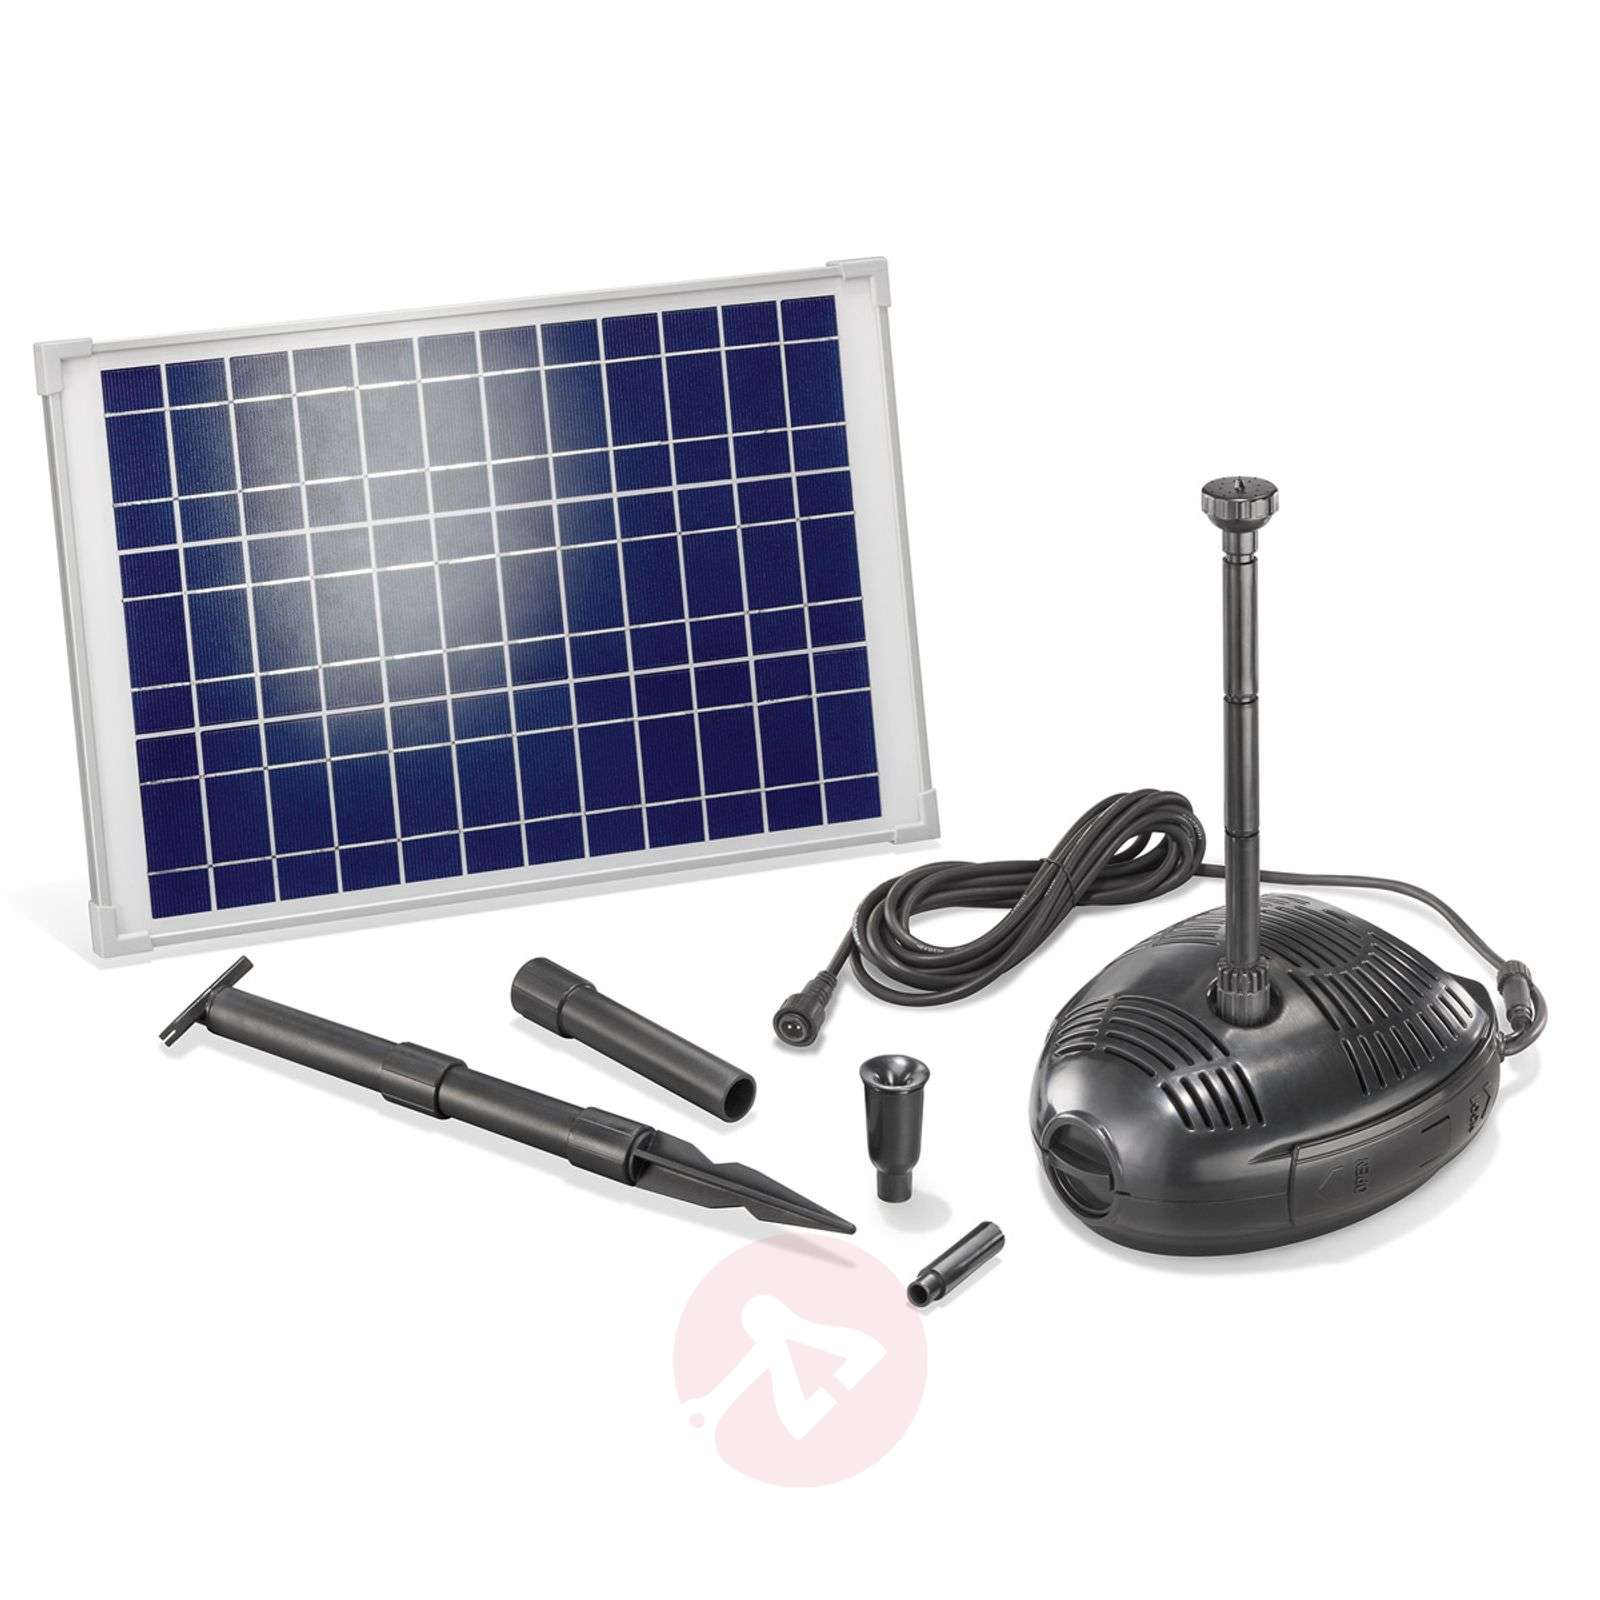 Aurinkokäyttöinen Roma-pumppujärjestelmä-3012247-01